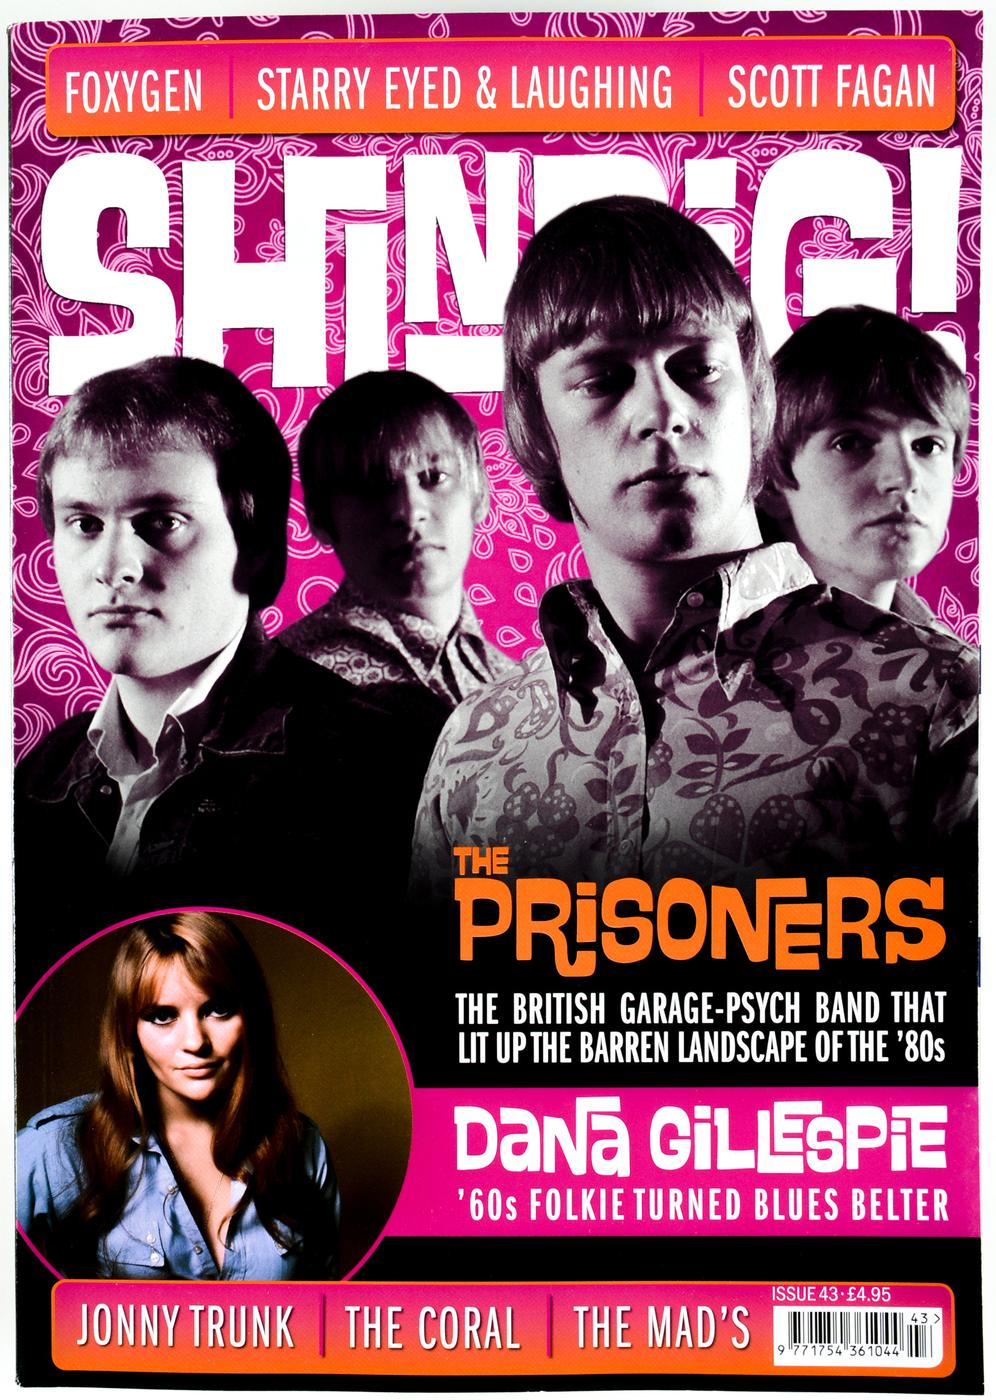 + SHINDIG! MAGAZINE - Issue 43 The Prisoners